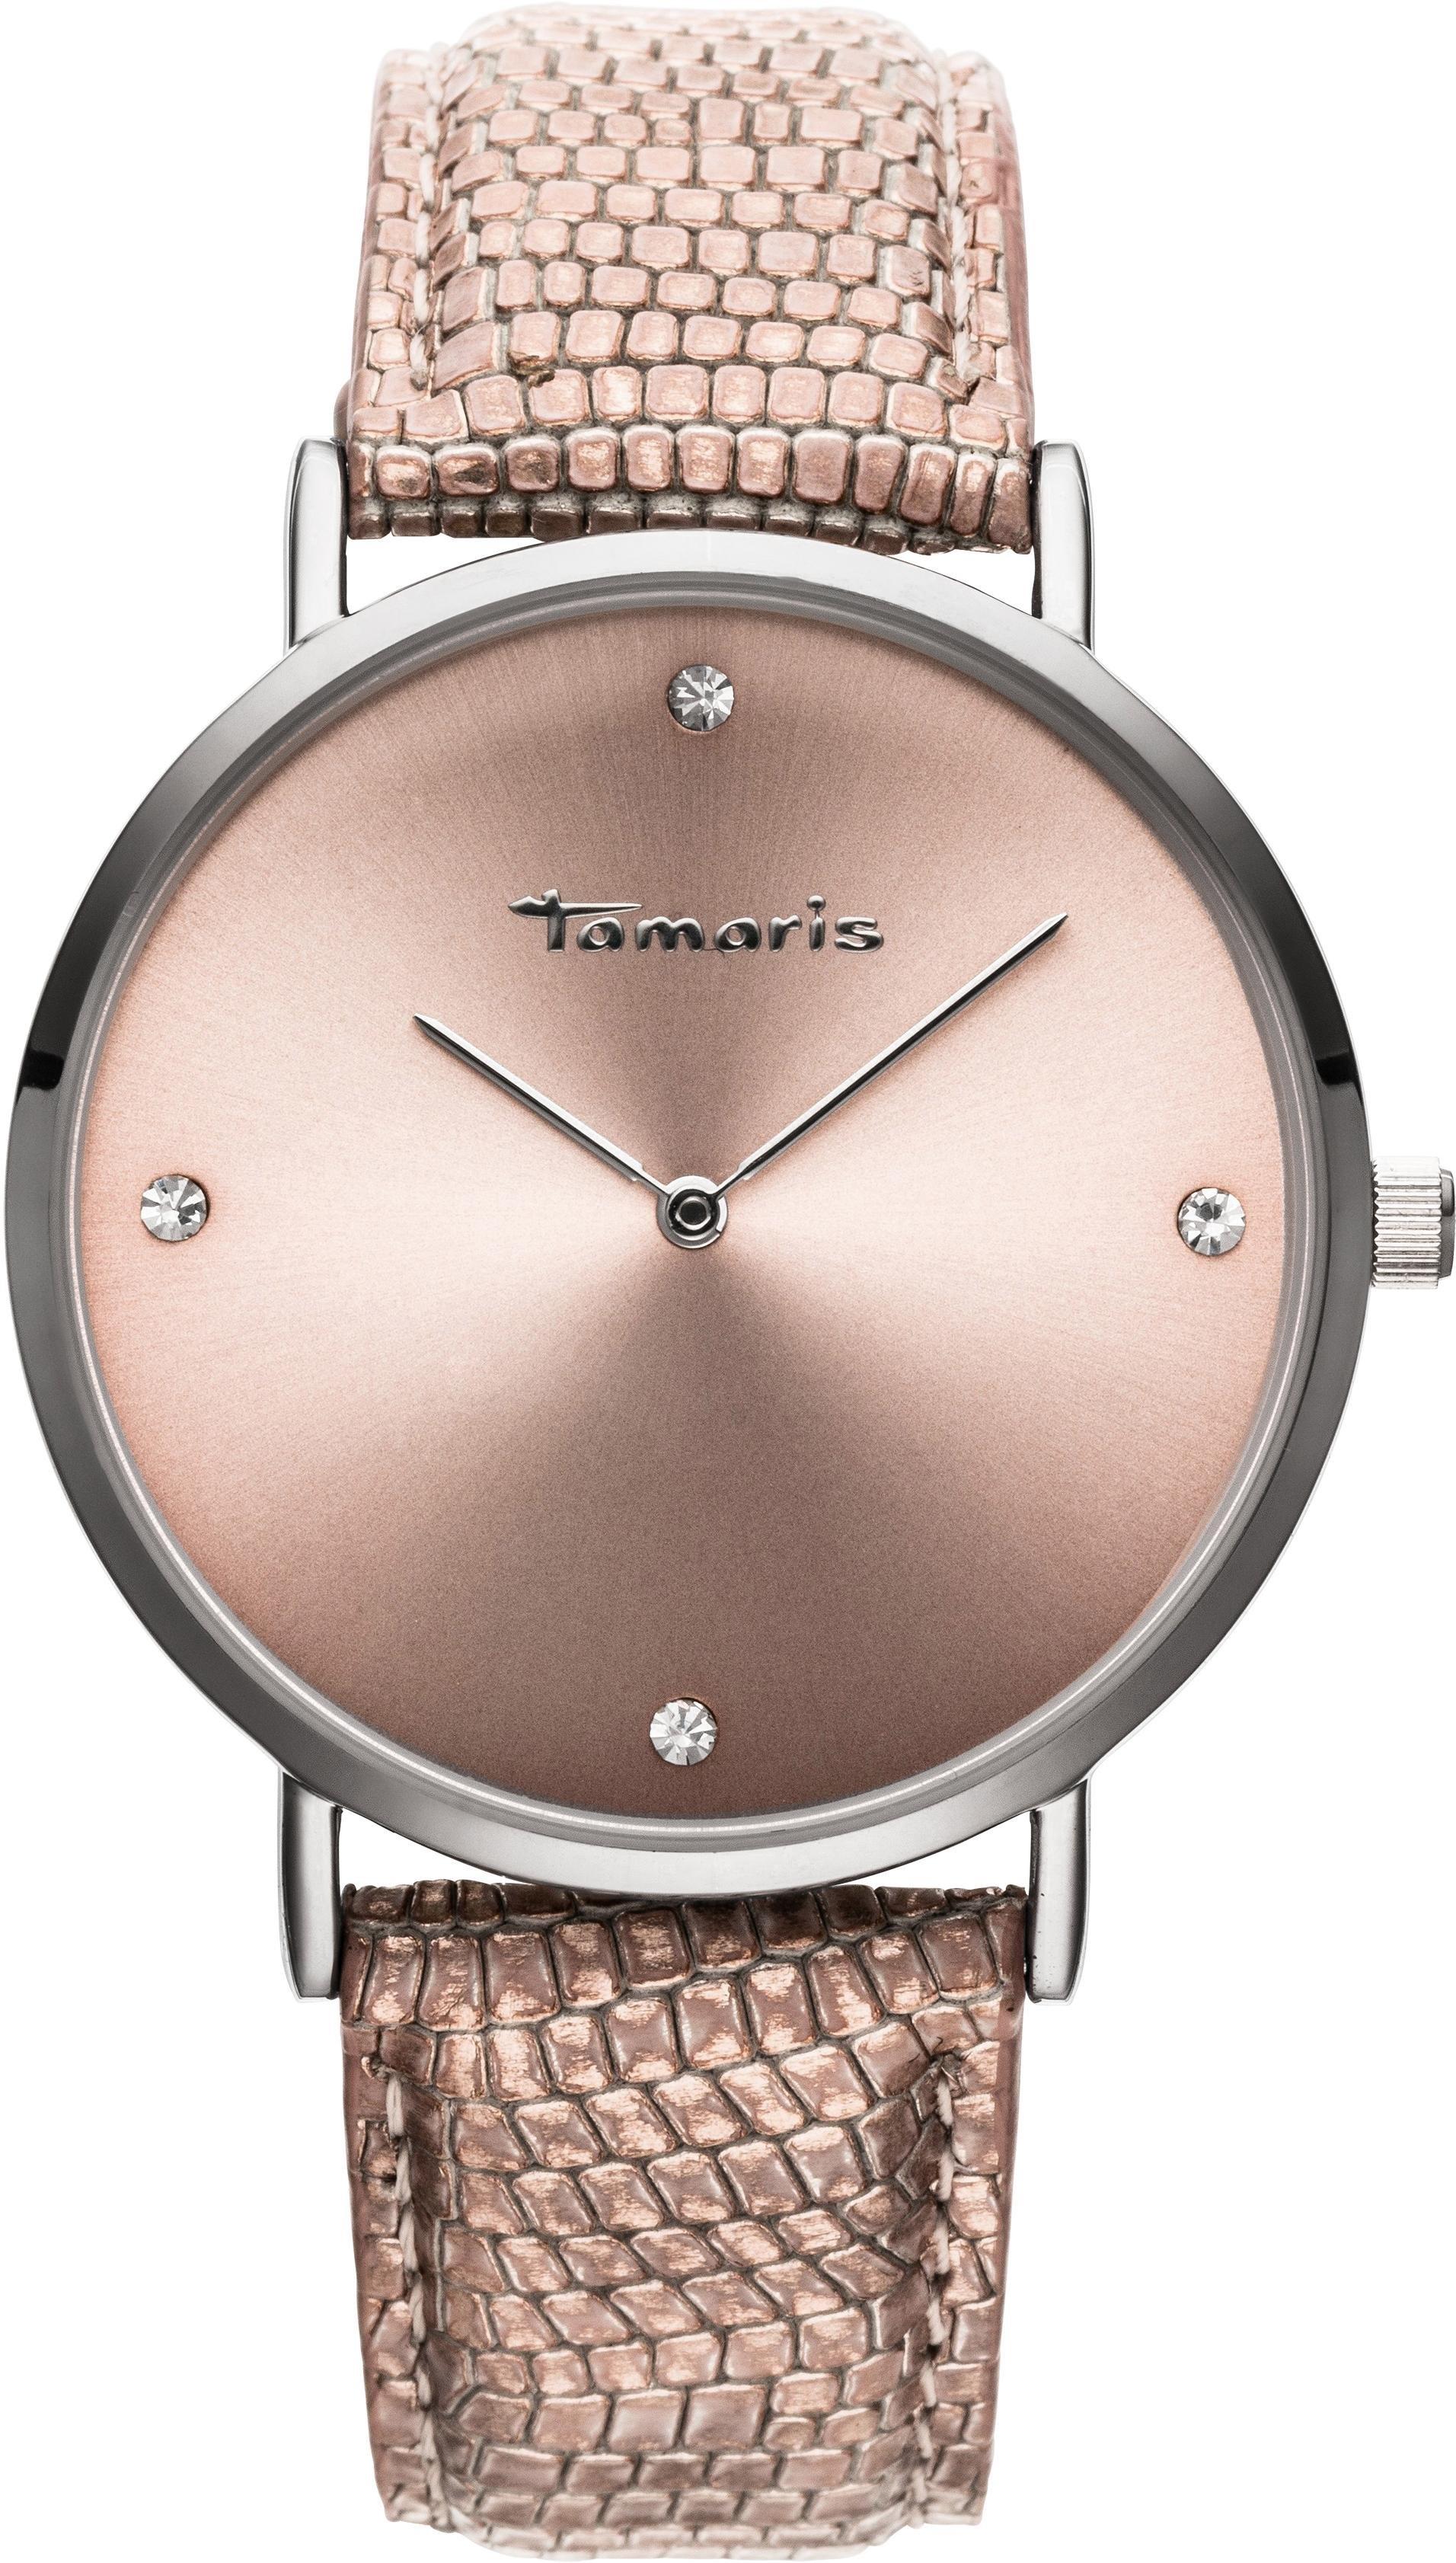 Tamaris kwartshorloge »Berit, TW070« bestellen: 30 dagen bedenktijd